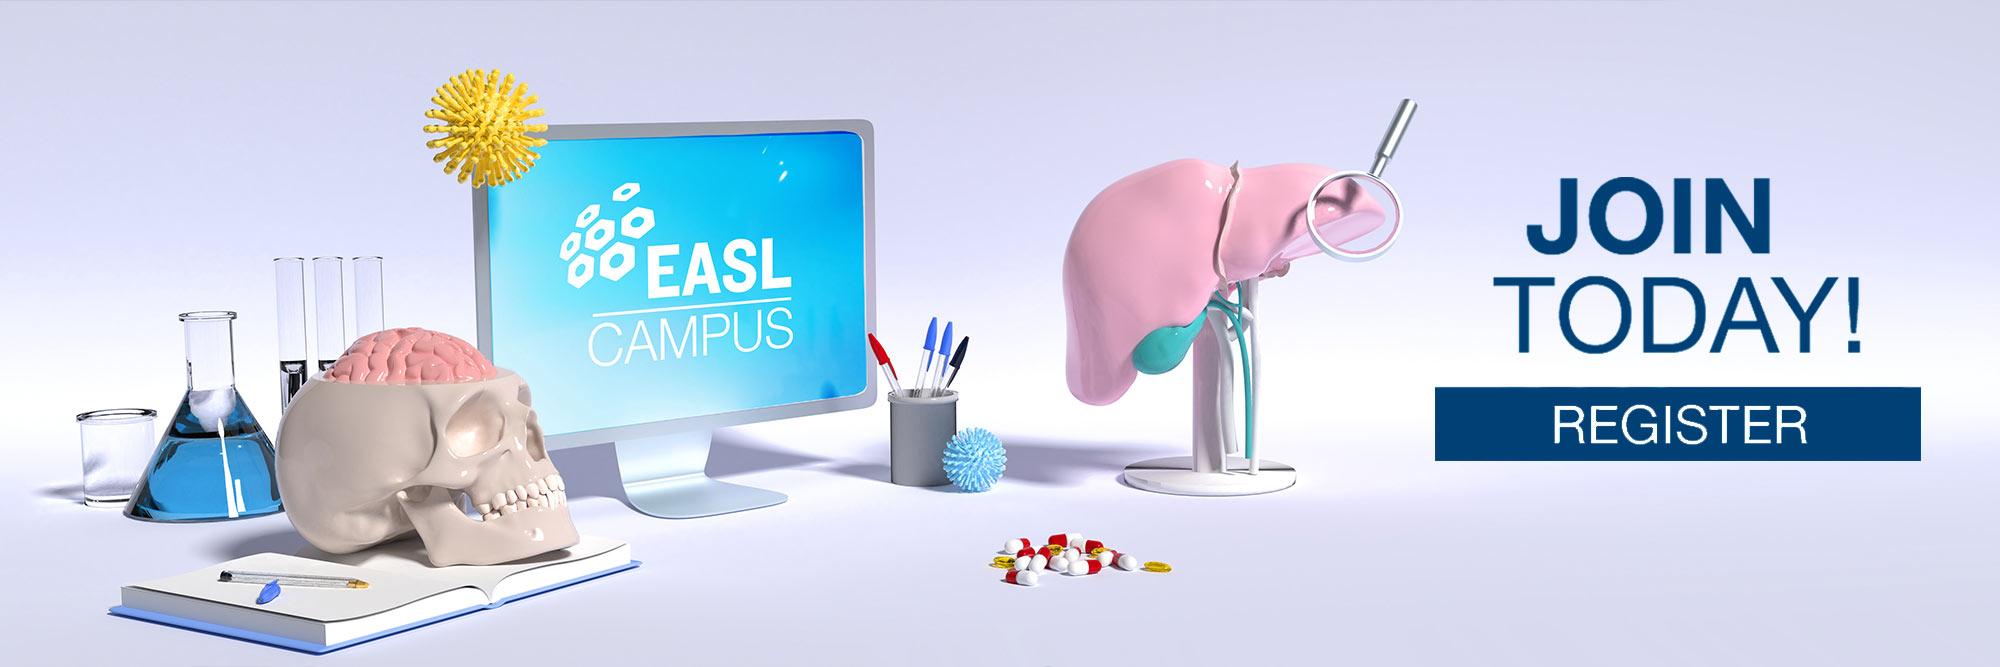 elearning-campus-homepage-easl